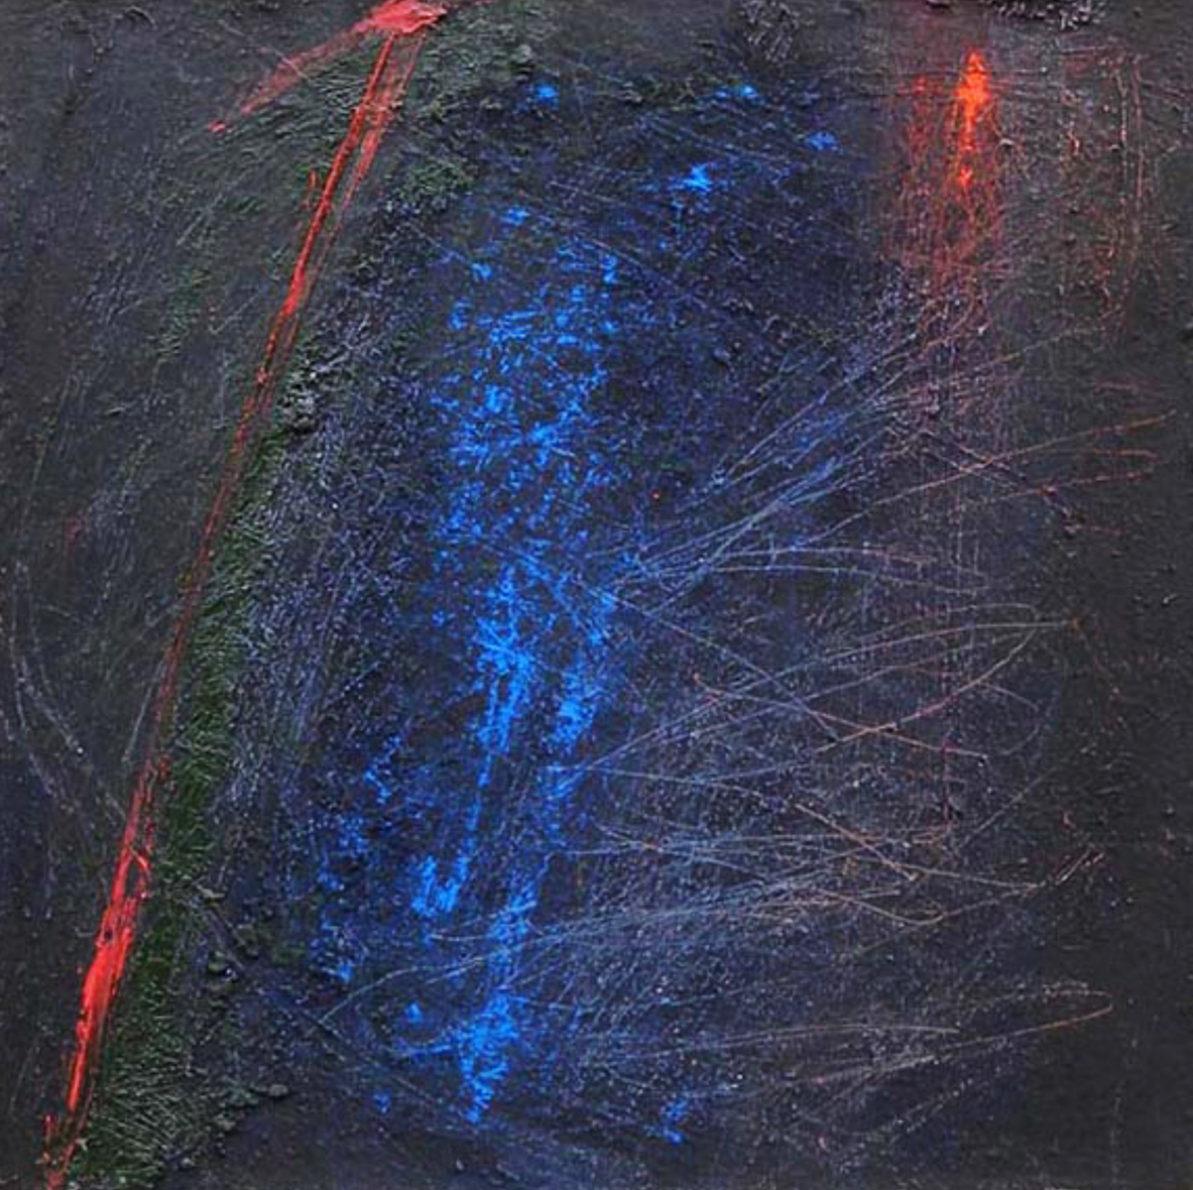 MARC FELD 2013 ESPACE D'ESPÈCE Huile et pigment sur toile 50 x 50 cm